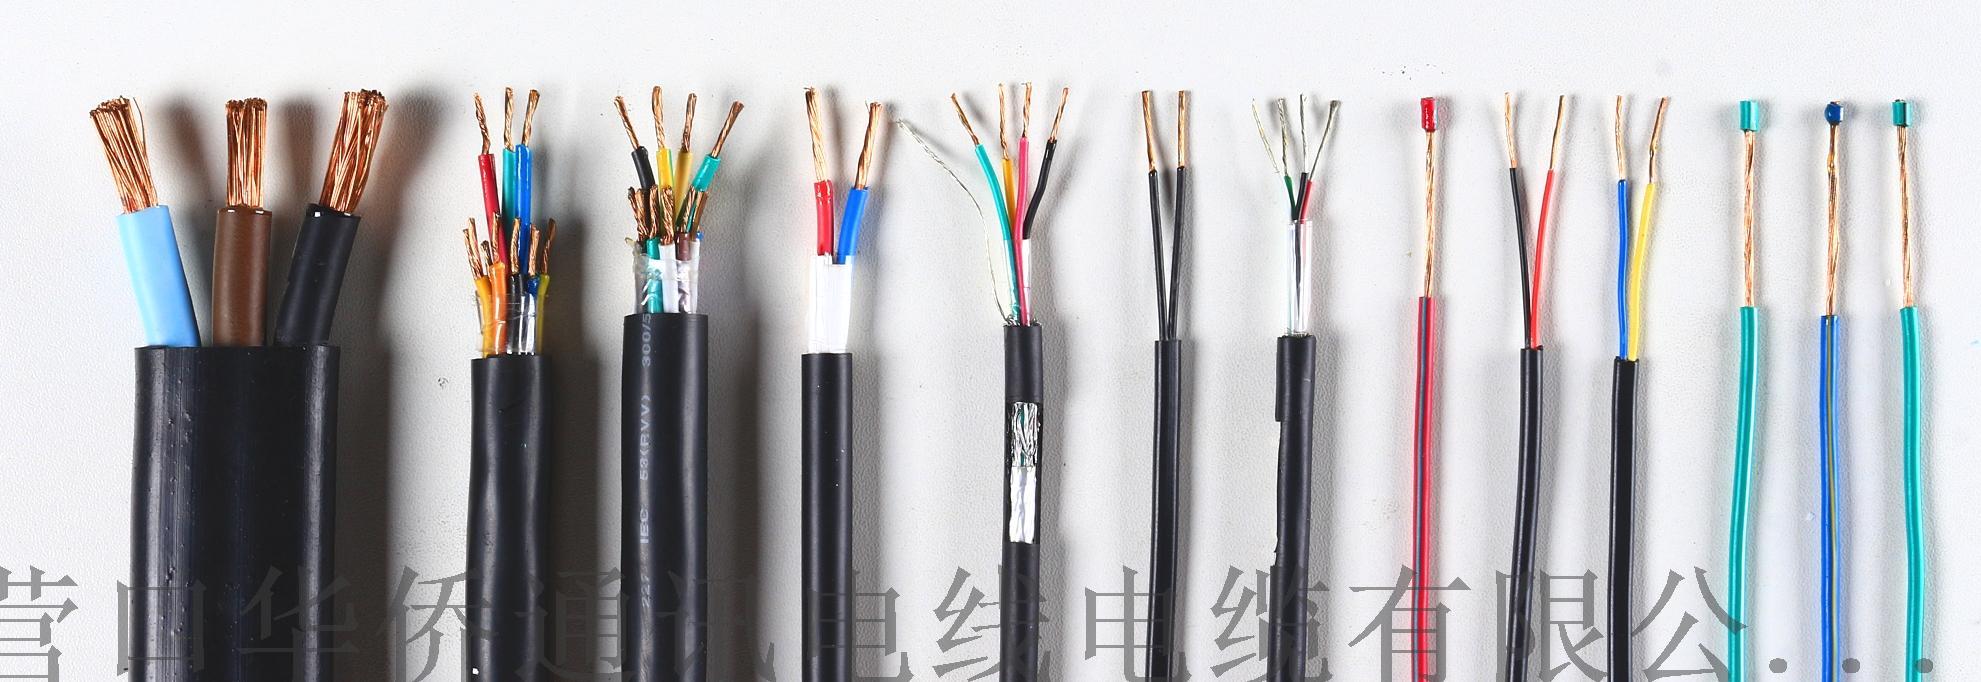 RVV系列电缆样品.jpg